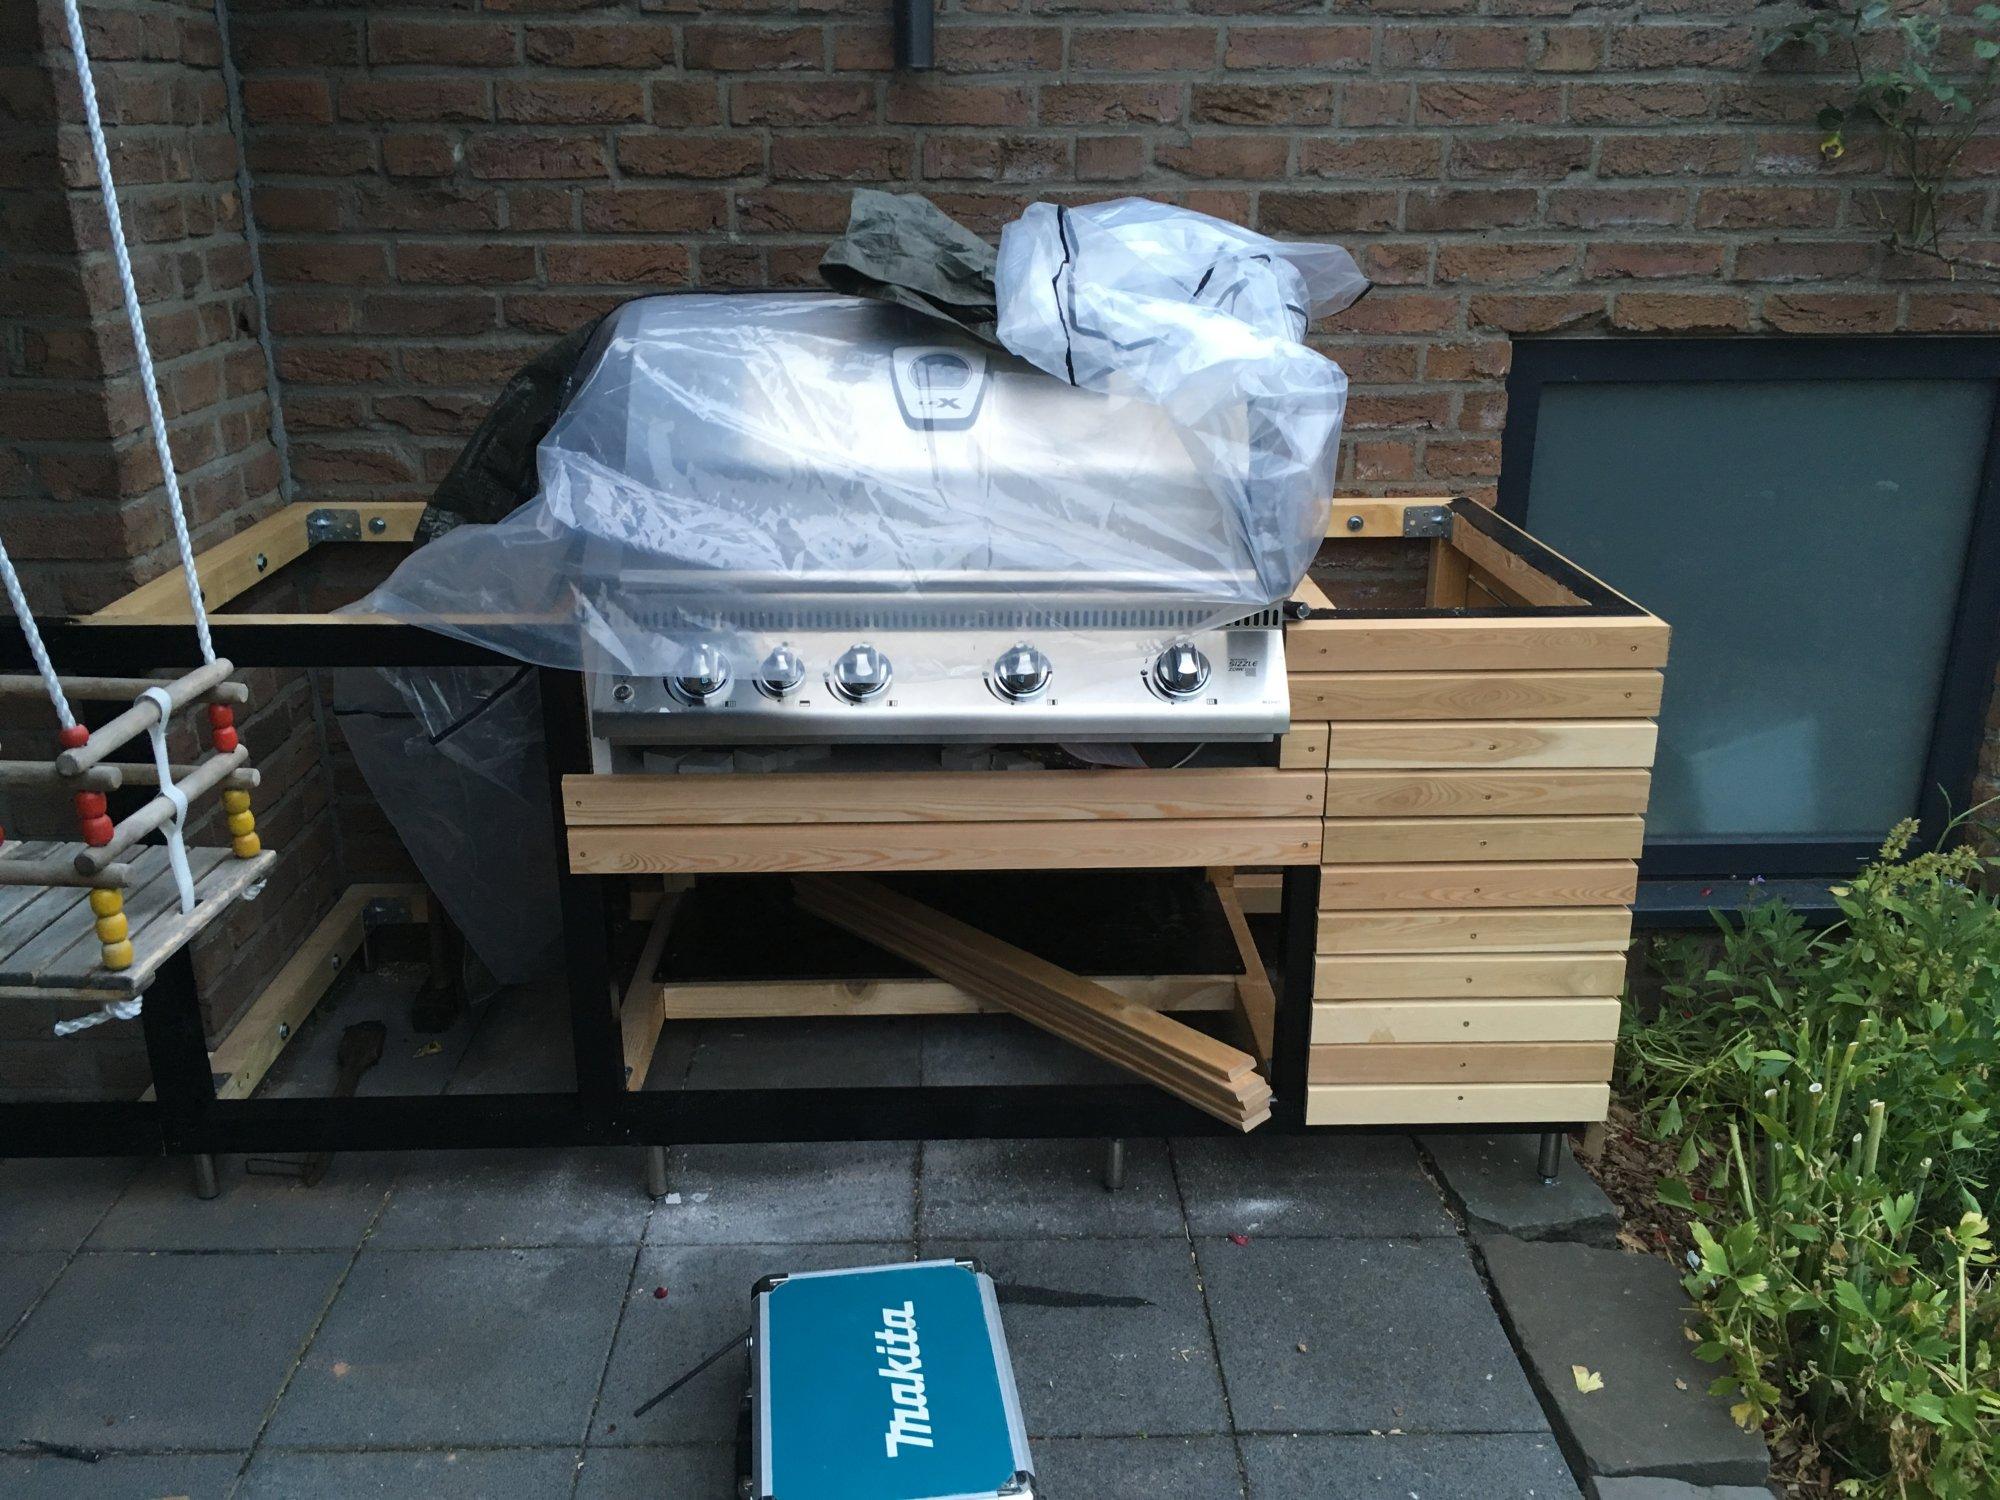 Edelstahl Tür Outdoor Küche : Edelstahl tür outdoor küche. hakenleiste küche ikea cremefarben